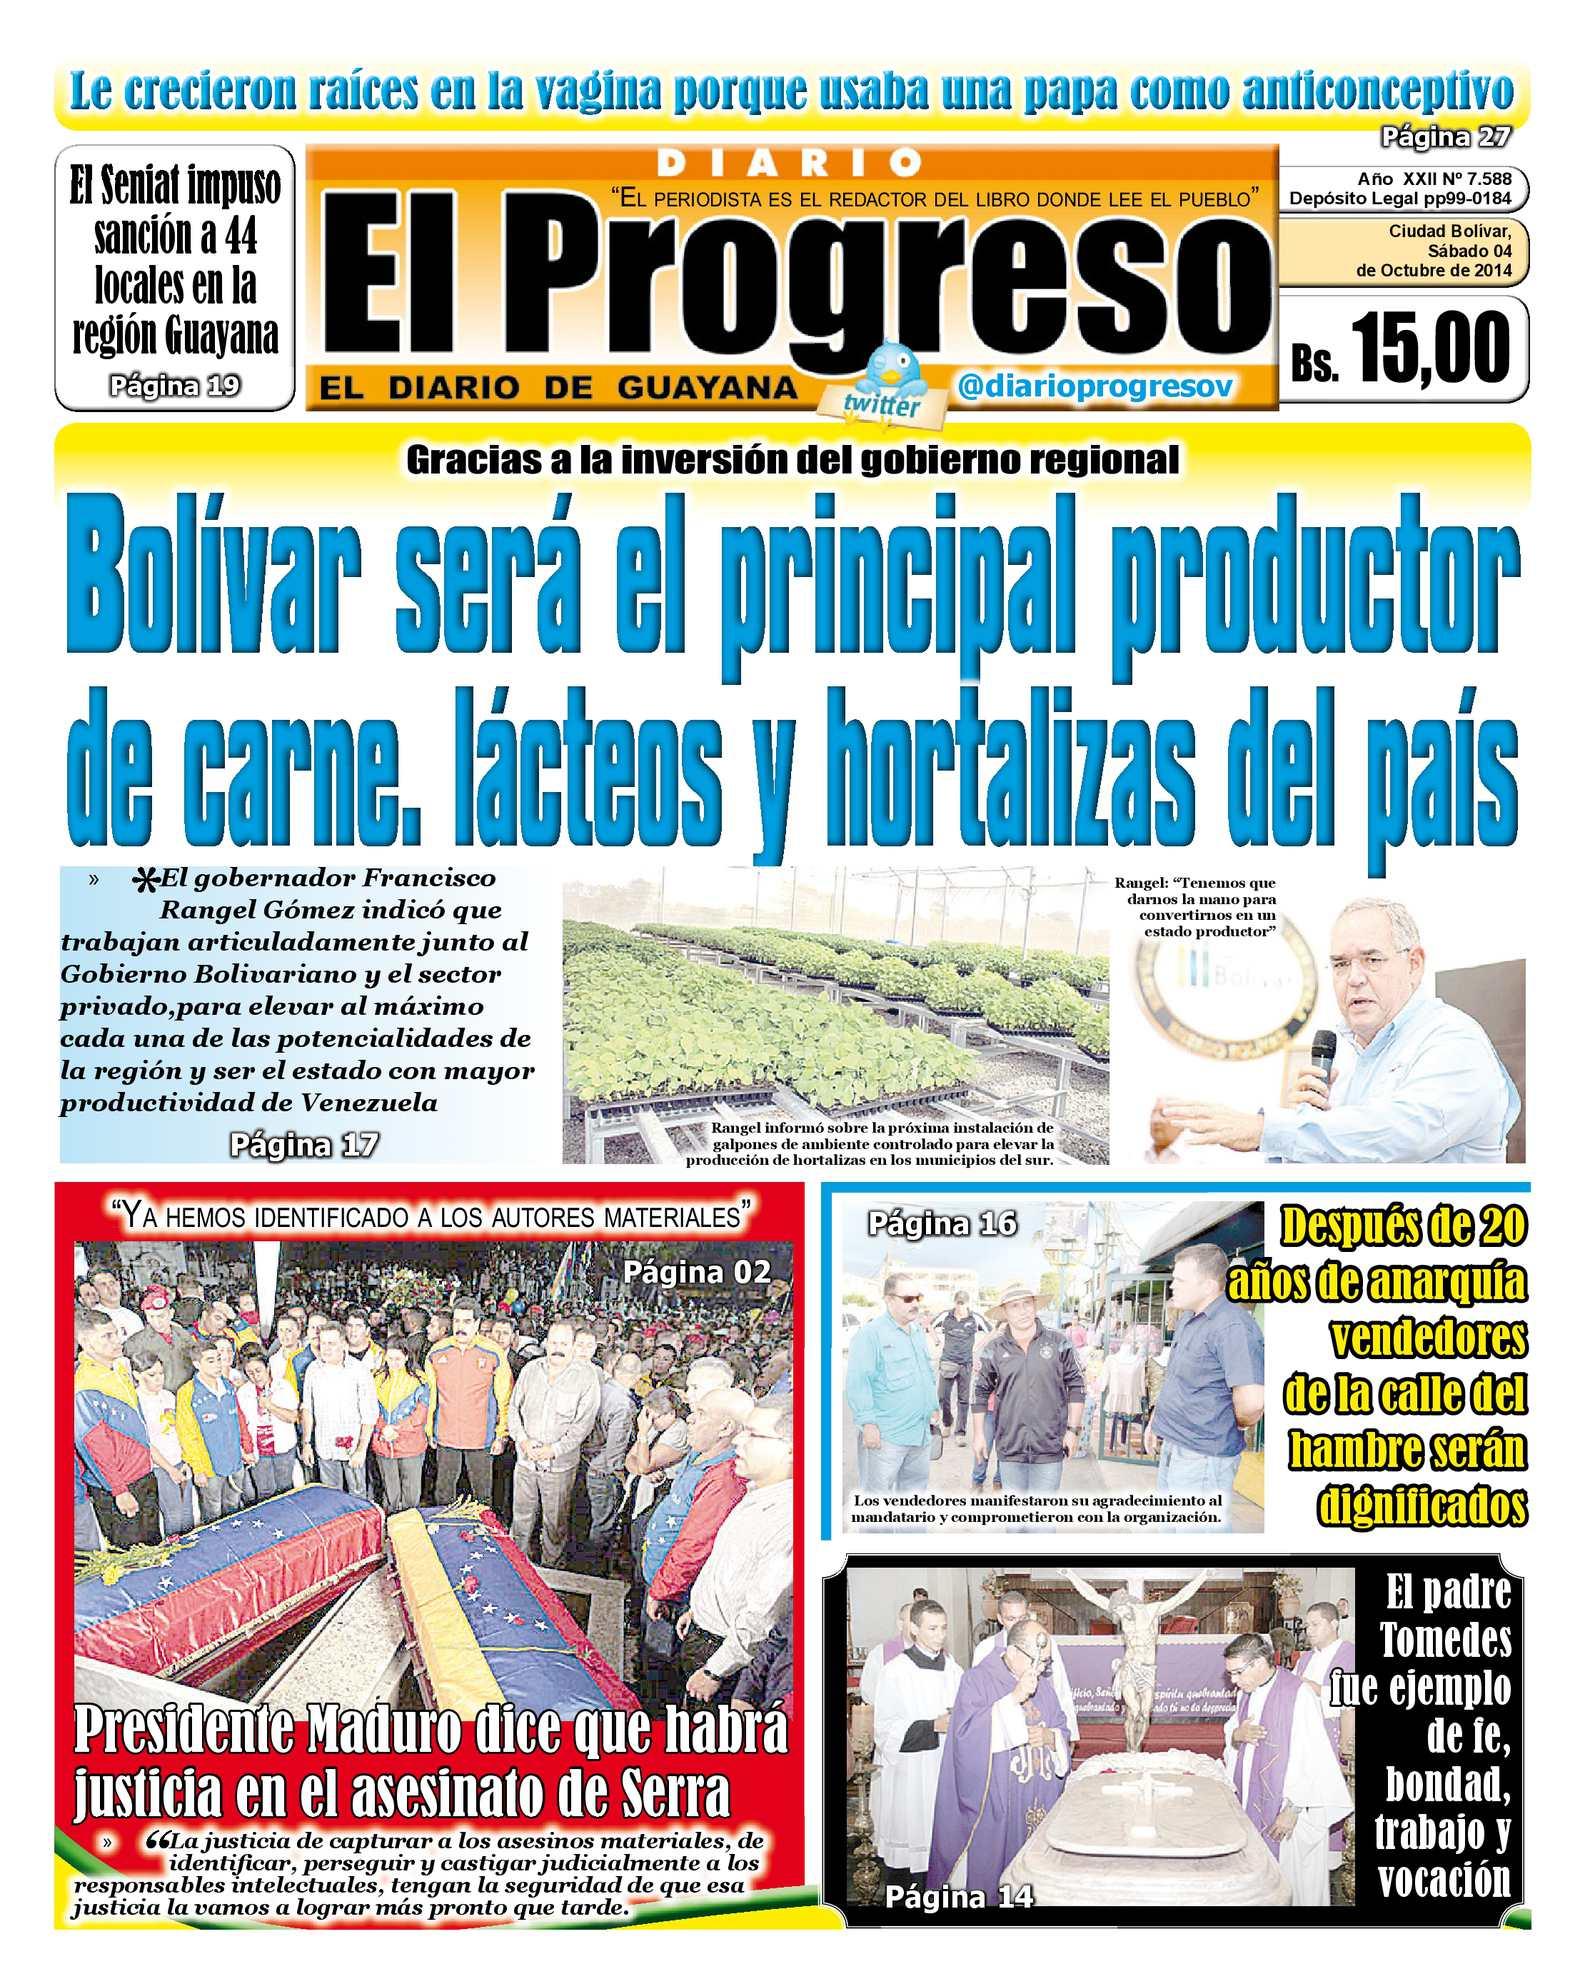 Calaméo - Diarioelprogresoedicióndigital 04-10-2014